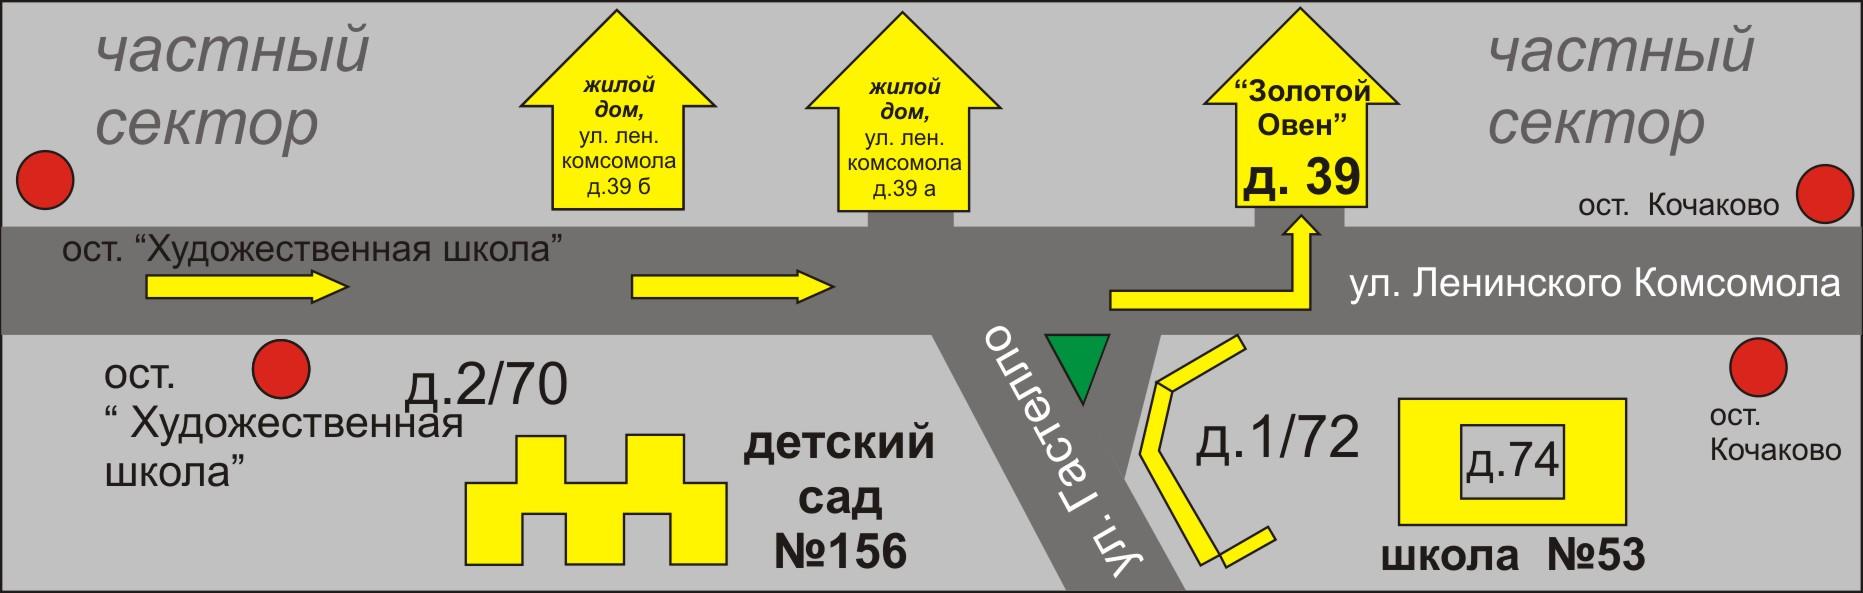 Схема проезда фабрика Золотой Овен